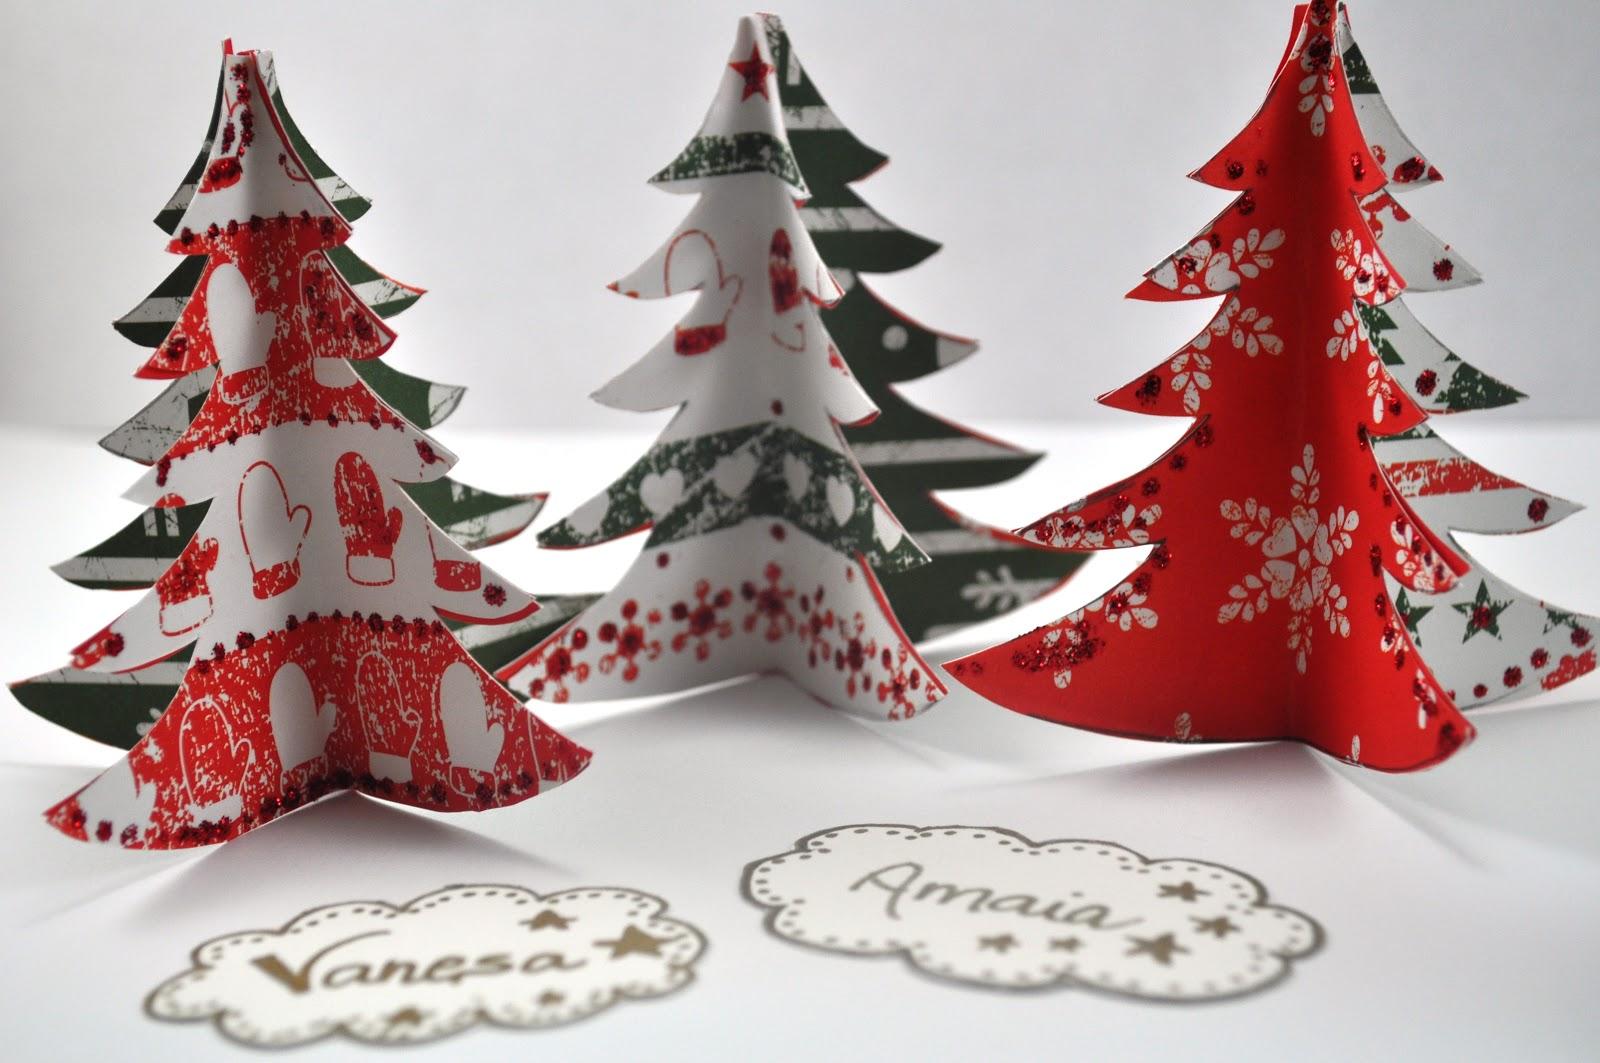 trucos para decorar en navidad sin gastar mucho dinero u revista la miscelnea